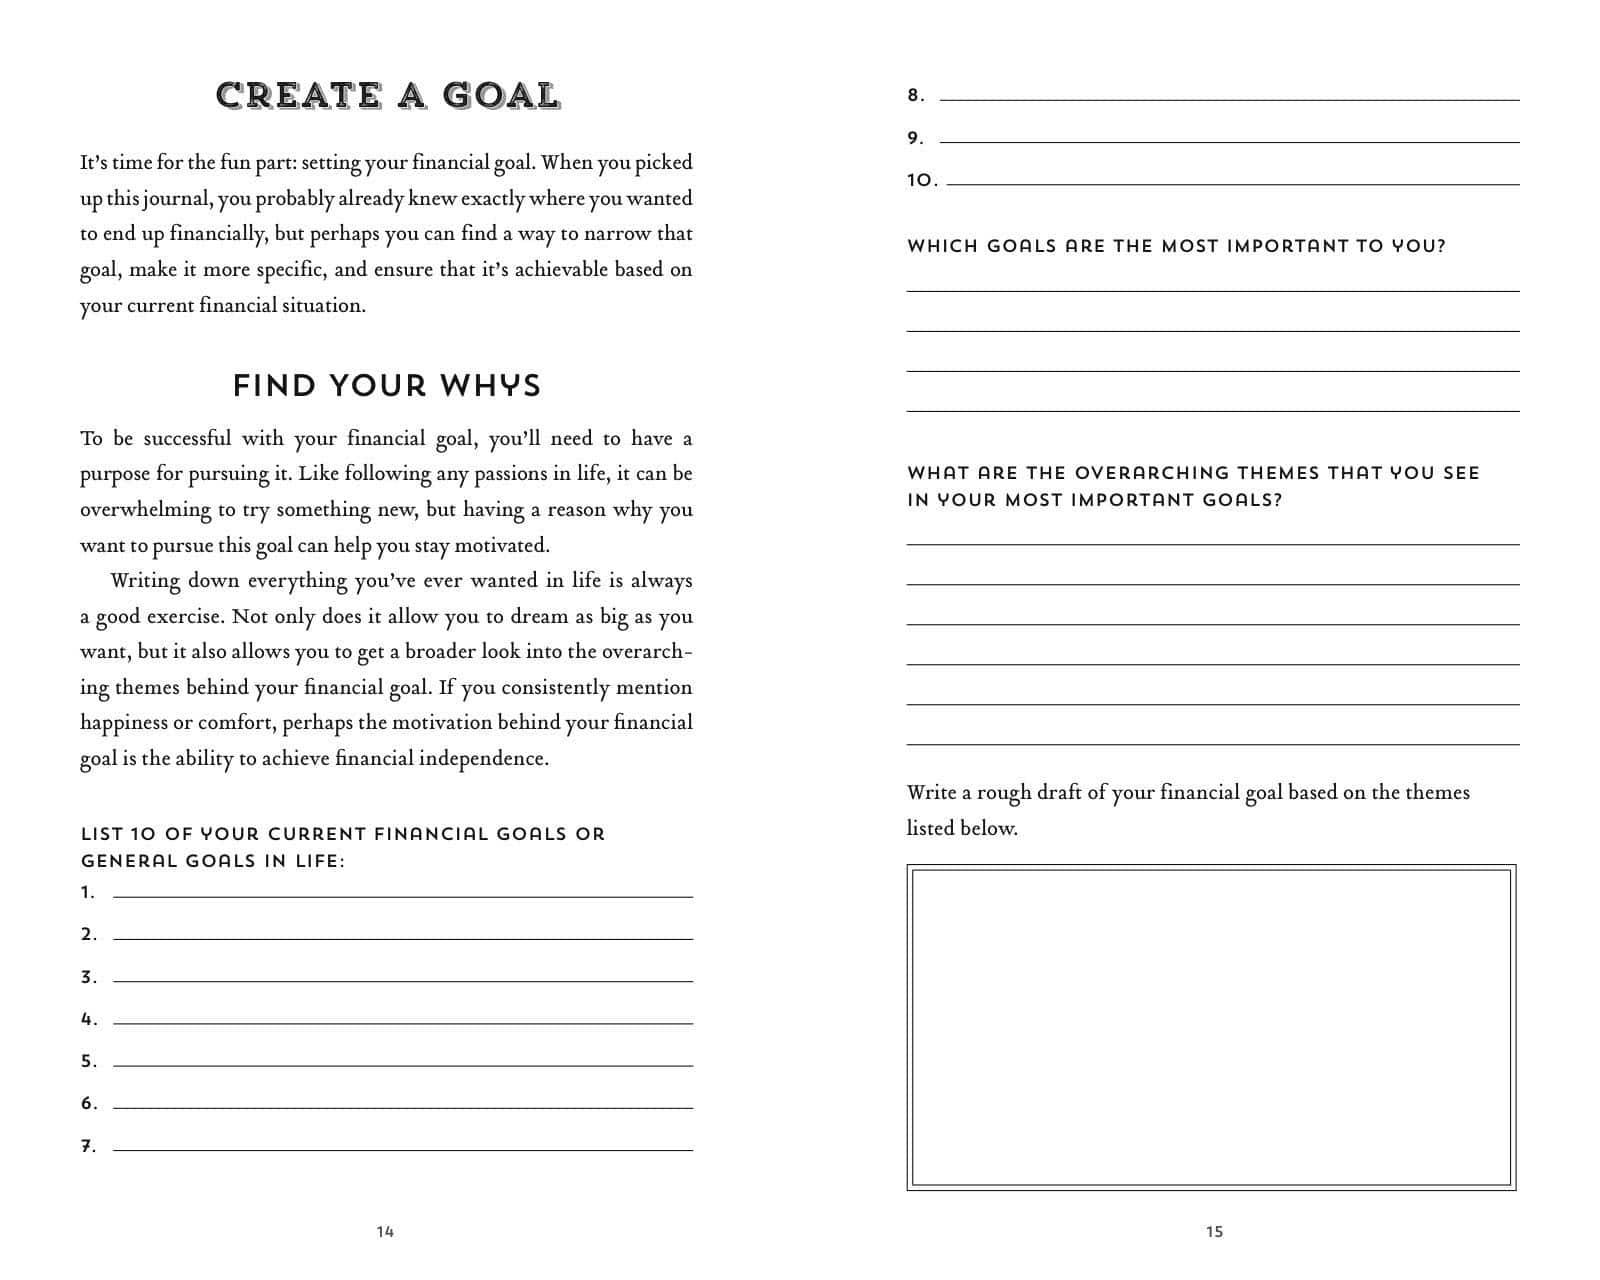 financial journal - create a goal